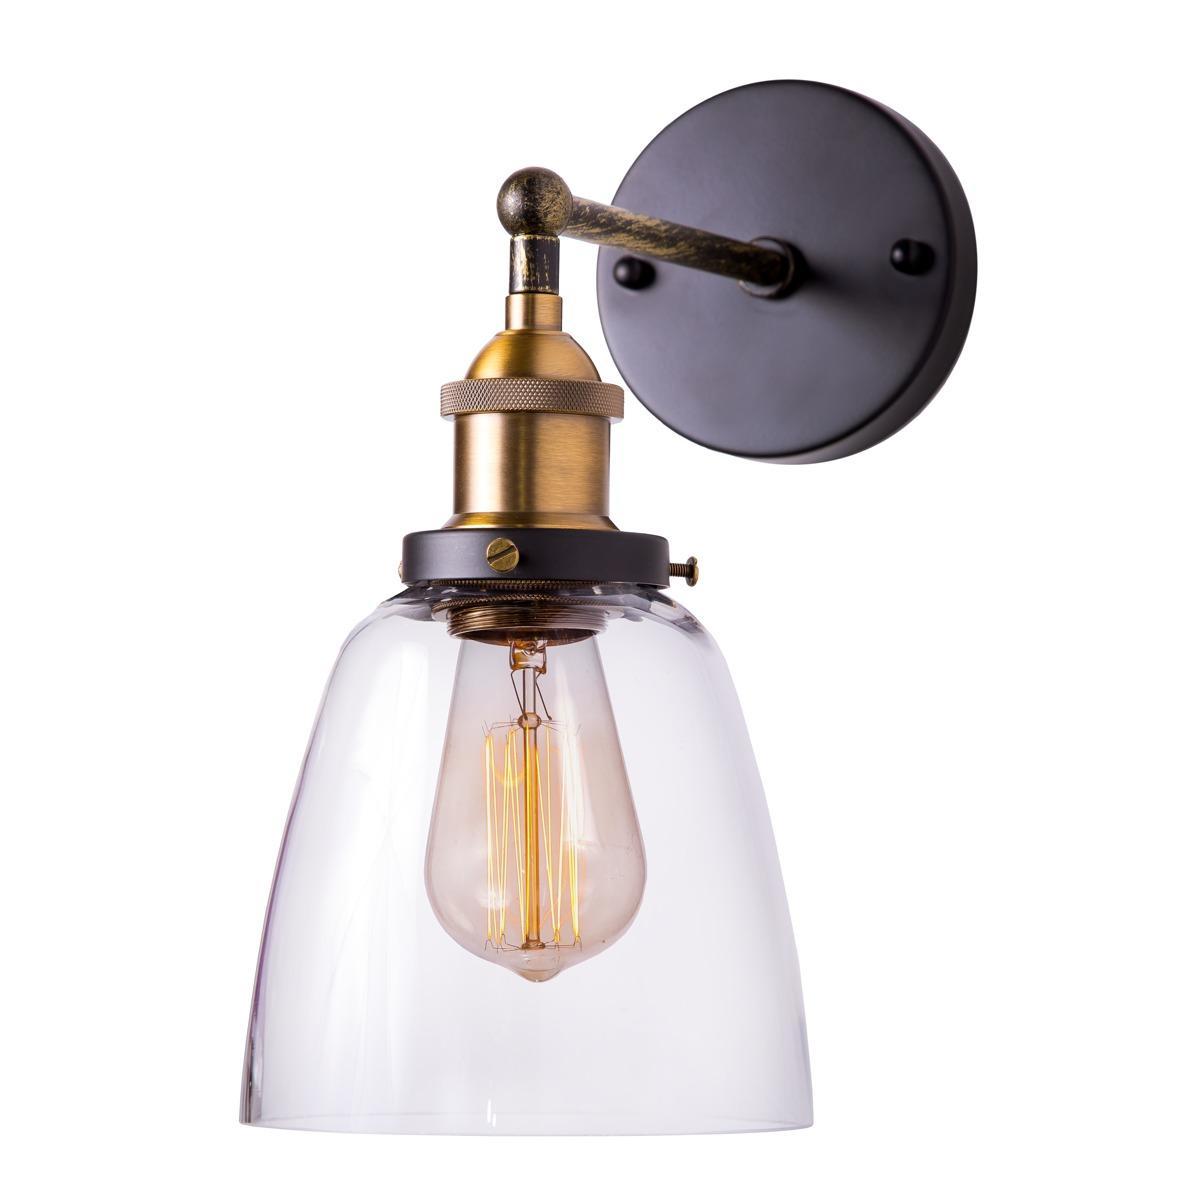 Купить Настенный светильник бра Chamber в интернет магазине дизайнерской мебели и аксессуаров для дома и дачи